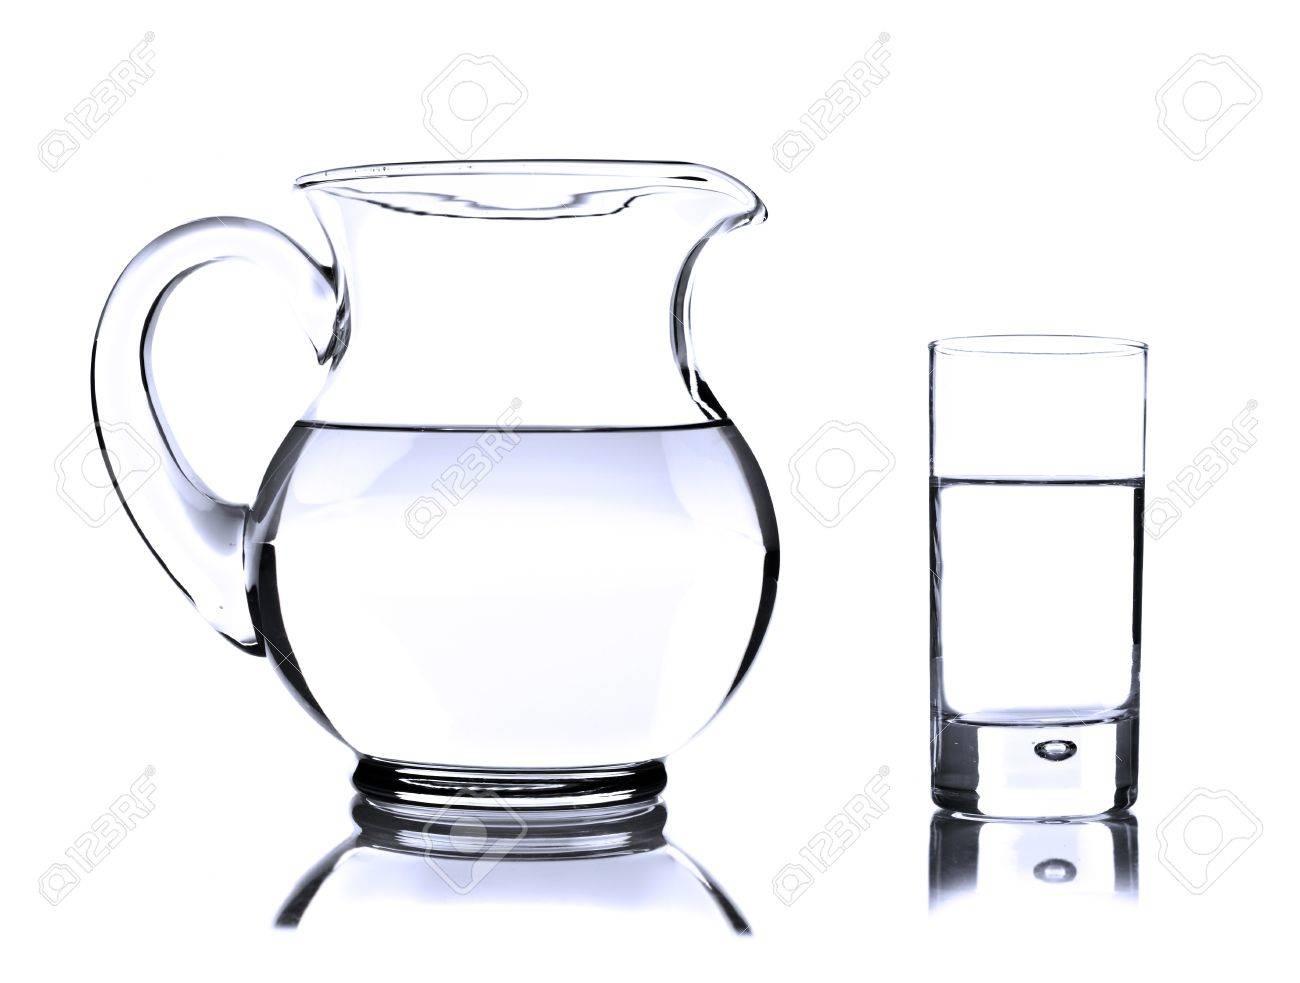 jarra de vidrio y vaso con agua sobre fondo blanco foto de archivo